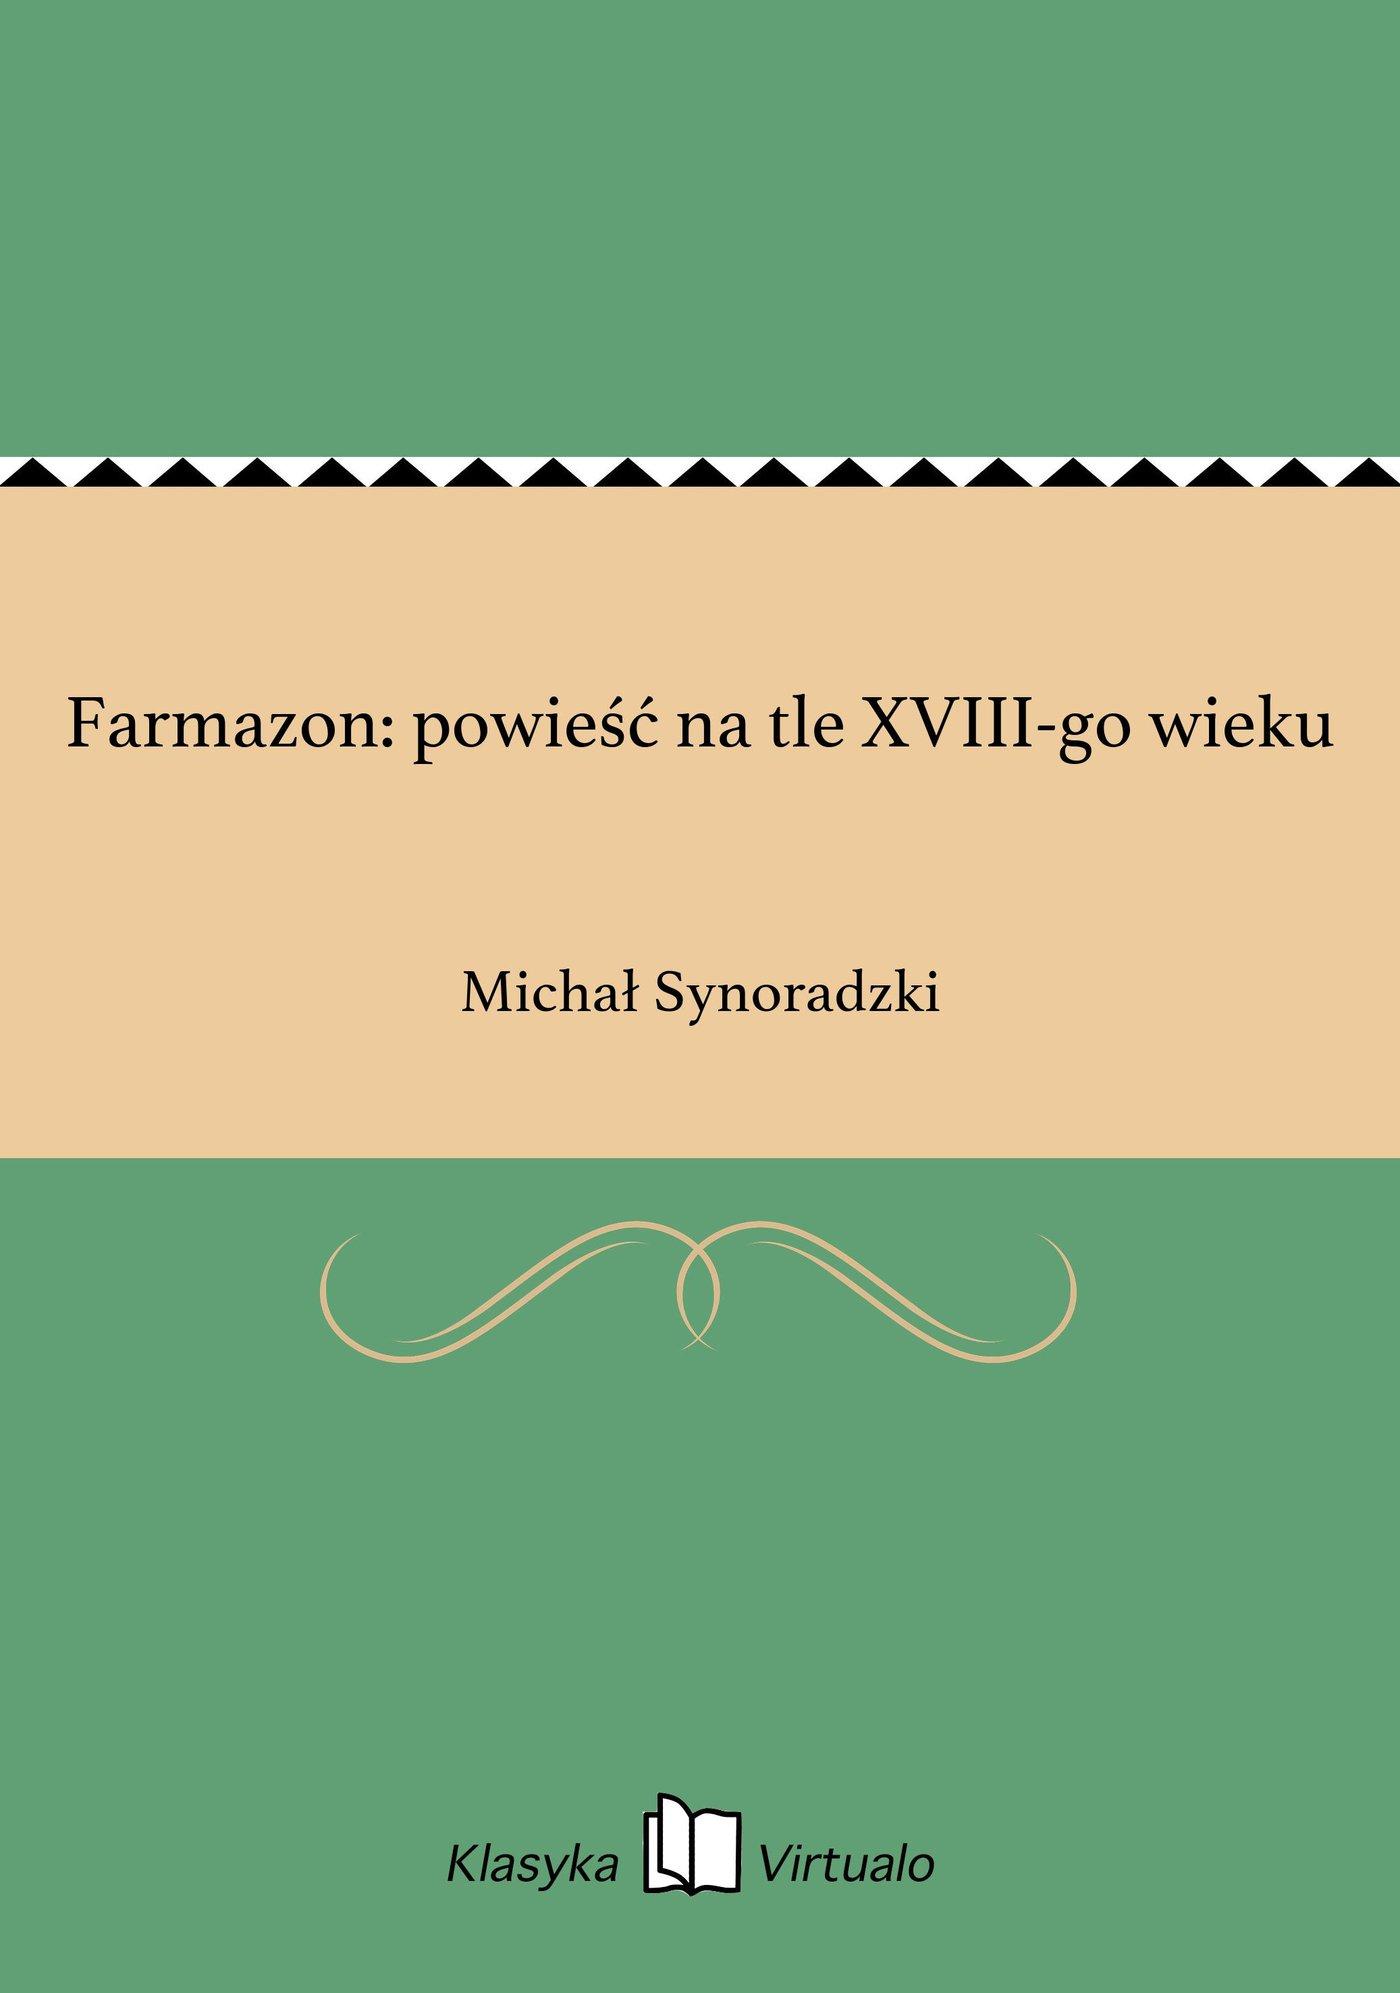 Farmazon: powieść na tle XVIII-go wieku - Ebook (Książka EPUB) do pobrania w formacie EPUB